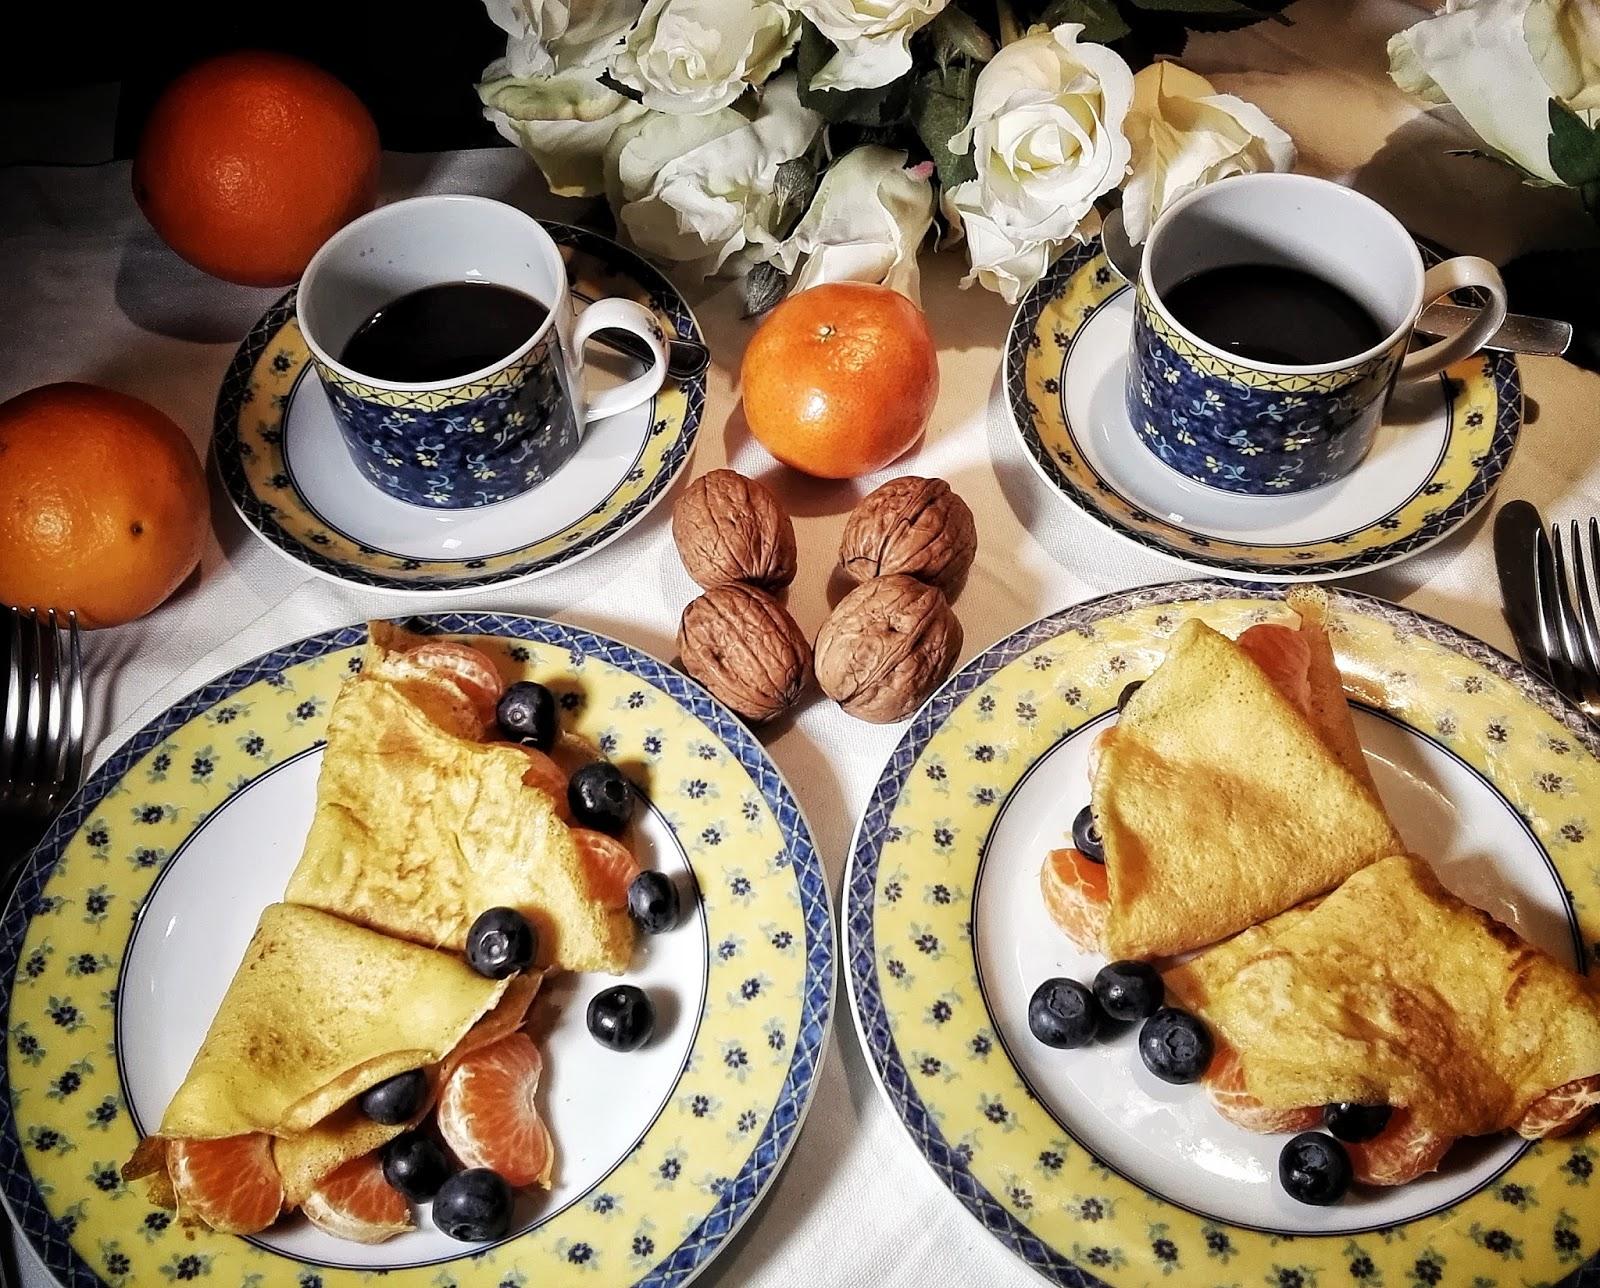 desayuno profuso afinarse 20 min